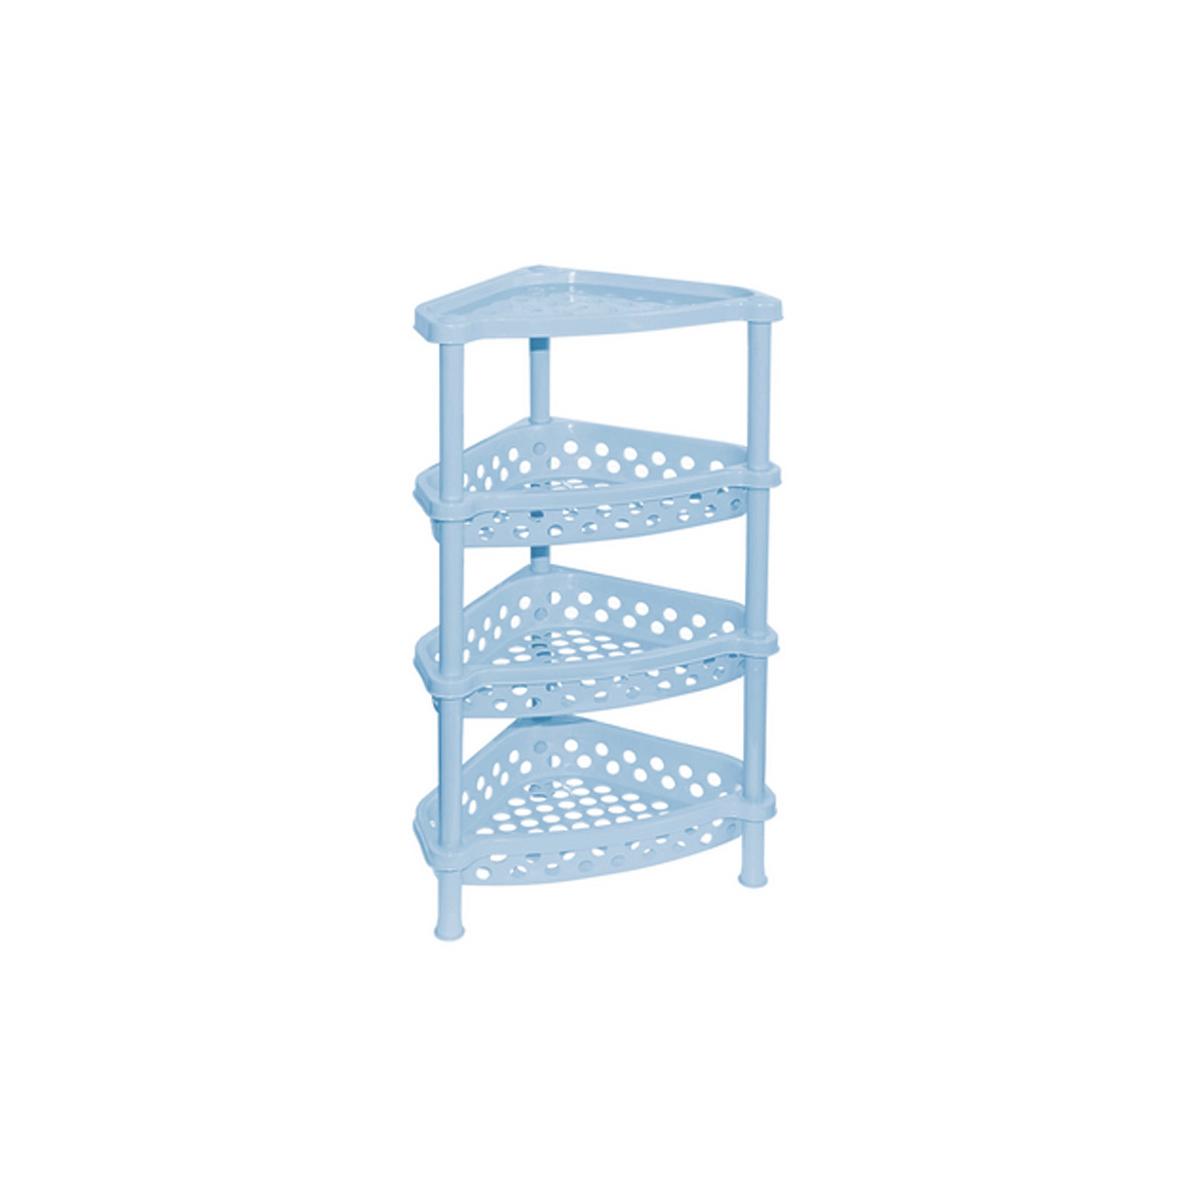 Этажерка угловая Violet, 4-х секционная, цвет: голубой, 37 х 28 х 73 см1004900000360Этажерка Violet выполнена из высококачественного прочного пластика и предназначена для хранения различных предметов. Изделие имеет 4 полки треугольной формы с перфорированными стенками. В ванной комнате вы можете использовать этажерку для хранения шампуней, гелей, жидкого мыла, стиральных порошков, полотенец и т.д. Ручной инструмент и детали в вашем гараже всегда будут под рукой. Удобно ставить банки с краской, бутылки с растворителем. В гостиной этажерка позволит удобно хранить под рукой книги, журналы, газеты. С помощью этажерки также легко навести порядок в детской, она позволит удобно и компактно хранить игрушки, письменные принадлежности и учебники. Этажерка - это идеальное решение для любого помещения. Она поможет поддерживать чистоту, компактно организовать пространство и хранить вещи в порядке, а стильный дизайн сделает этажерку ярким украшением интерьера.Размер этажерки (ДхШхВ): 37 см х 28 см х 73 см. Размер полки (ДхШхВ): 37 см х 28 см х 7,5 см.